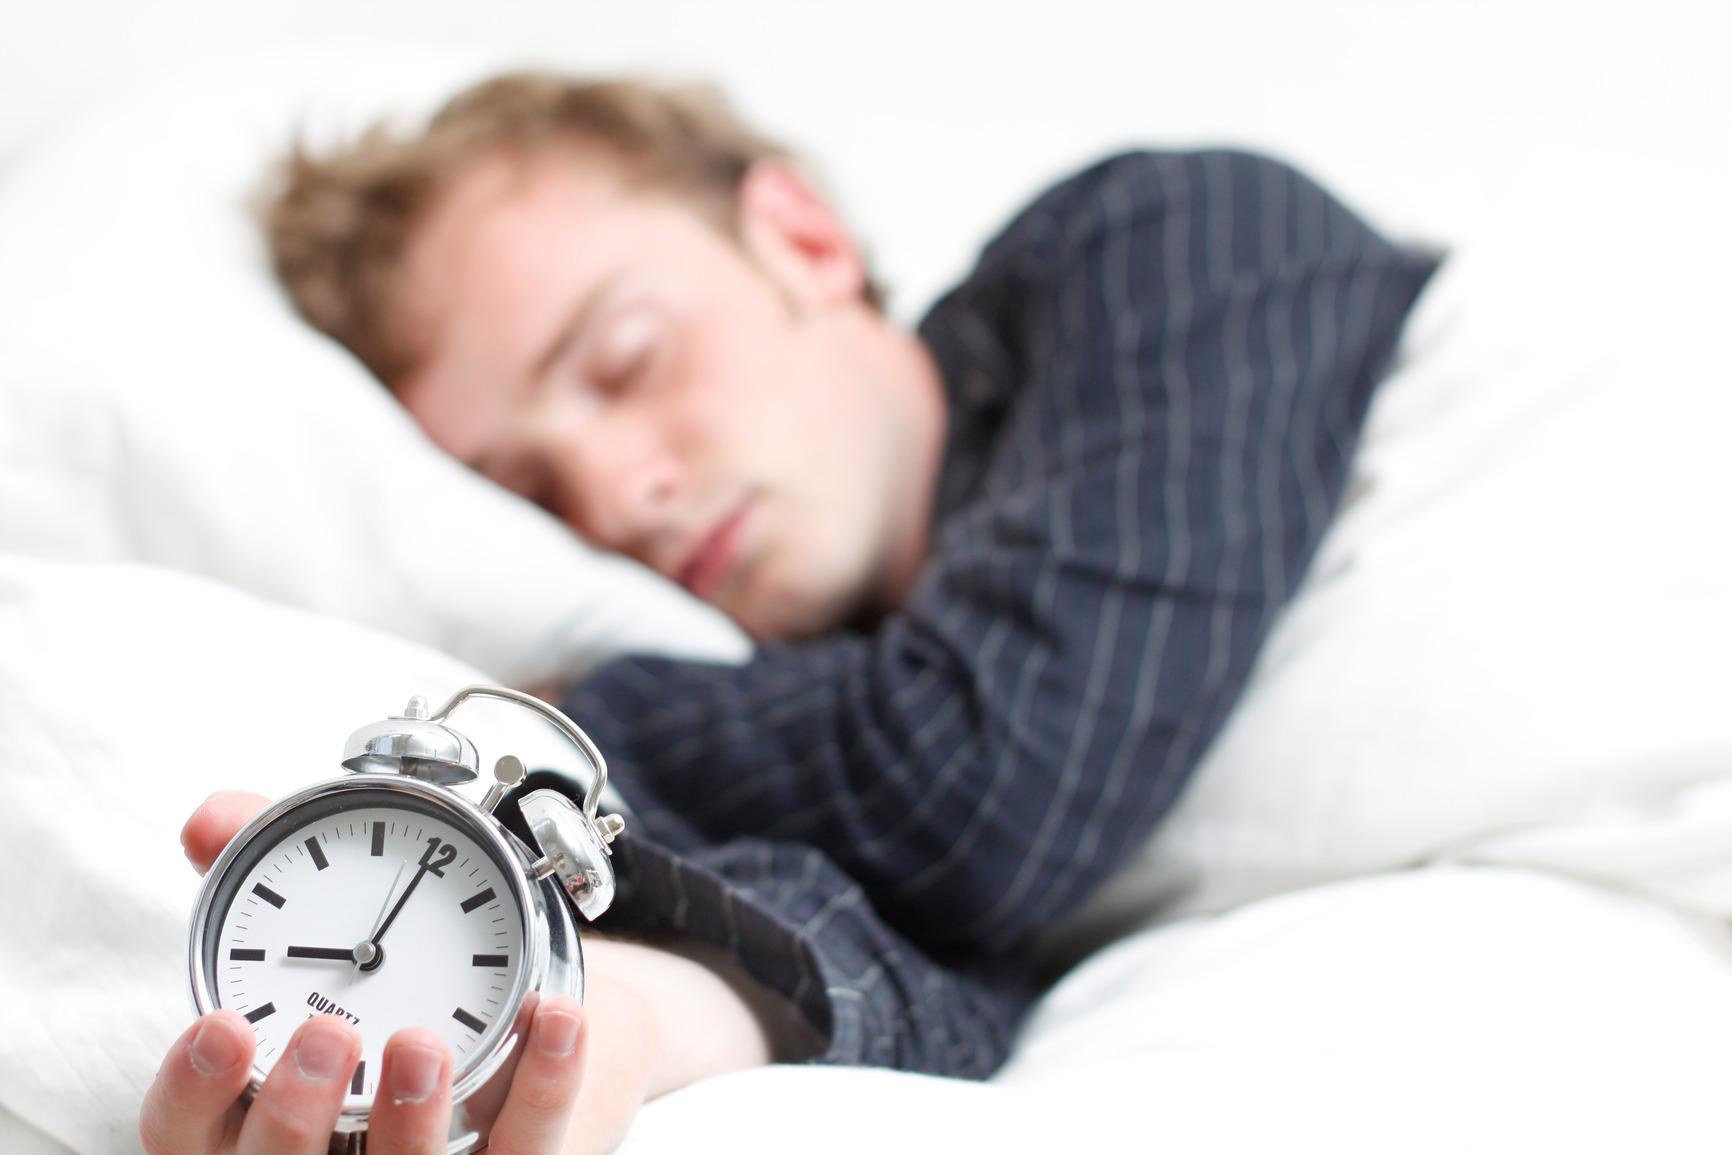 الطعام، والنوم، والرياضة